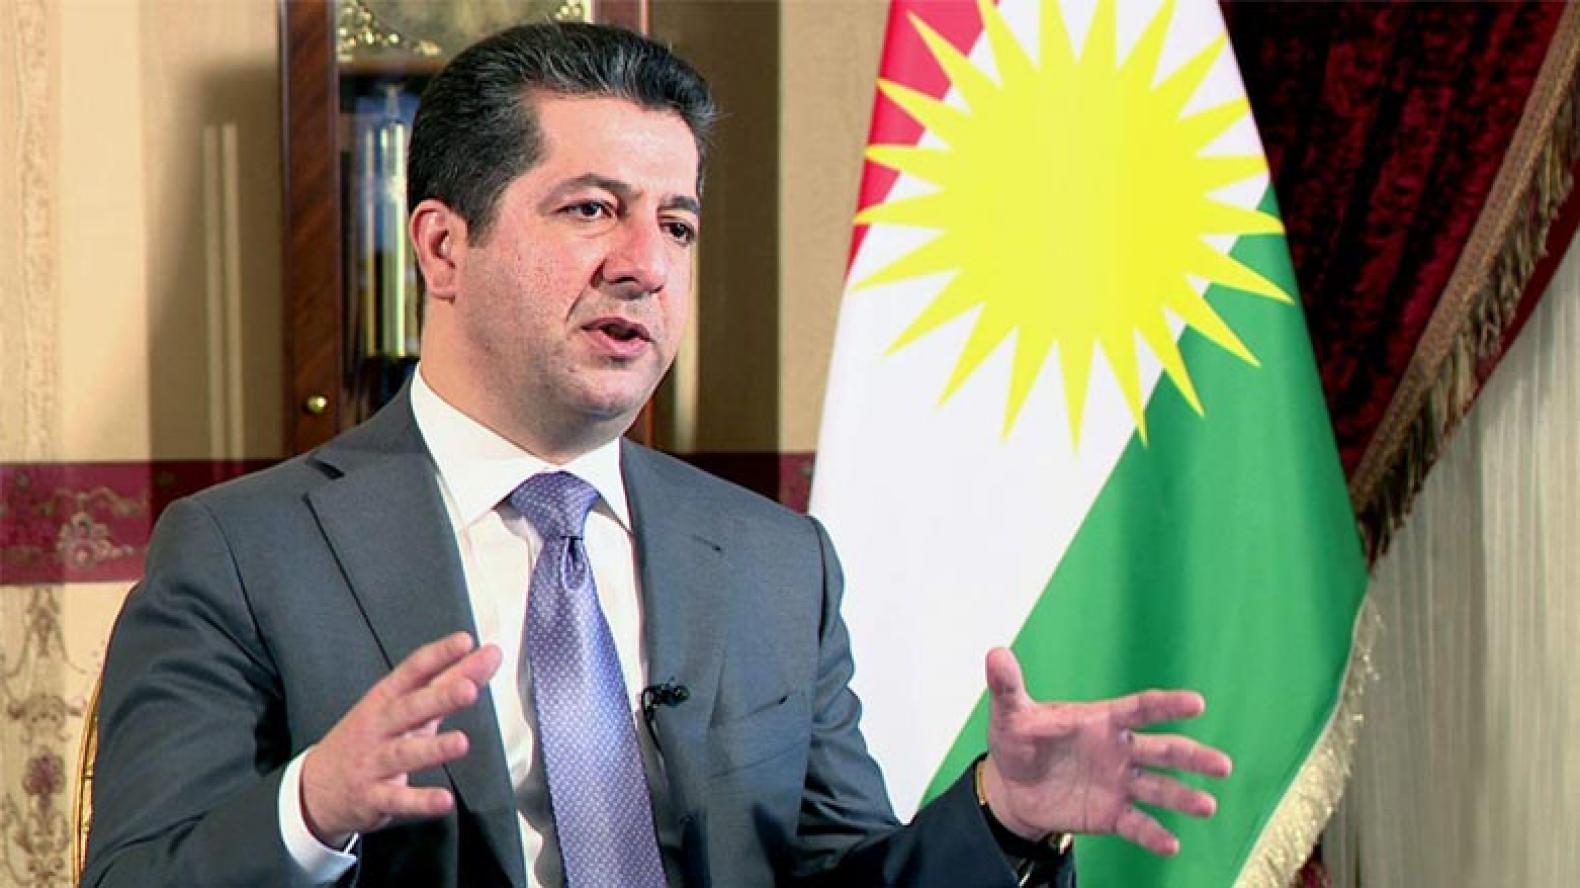 حكومة كوردستان تنفي زيارة رئيسها مسرور بارزاني الى تركيا